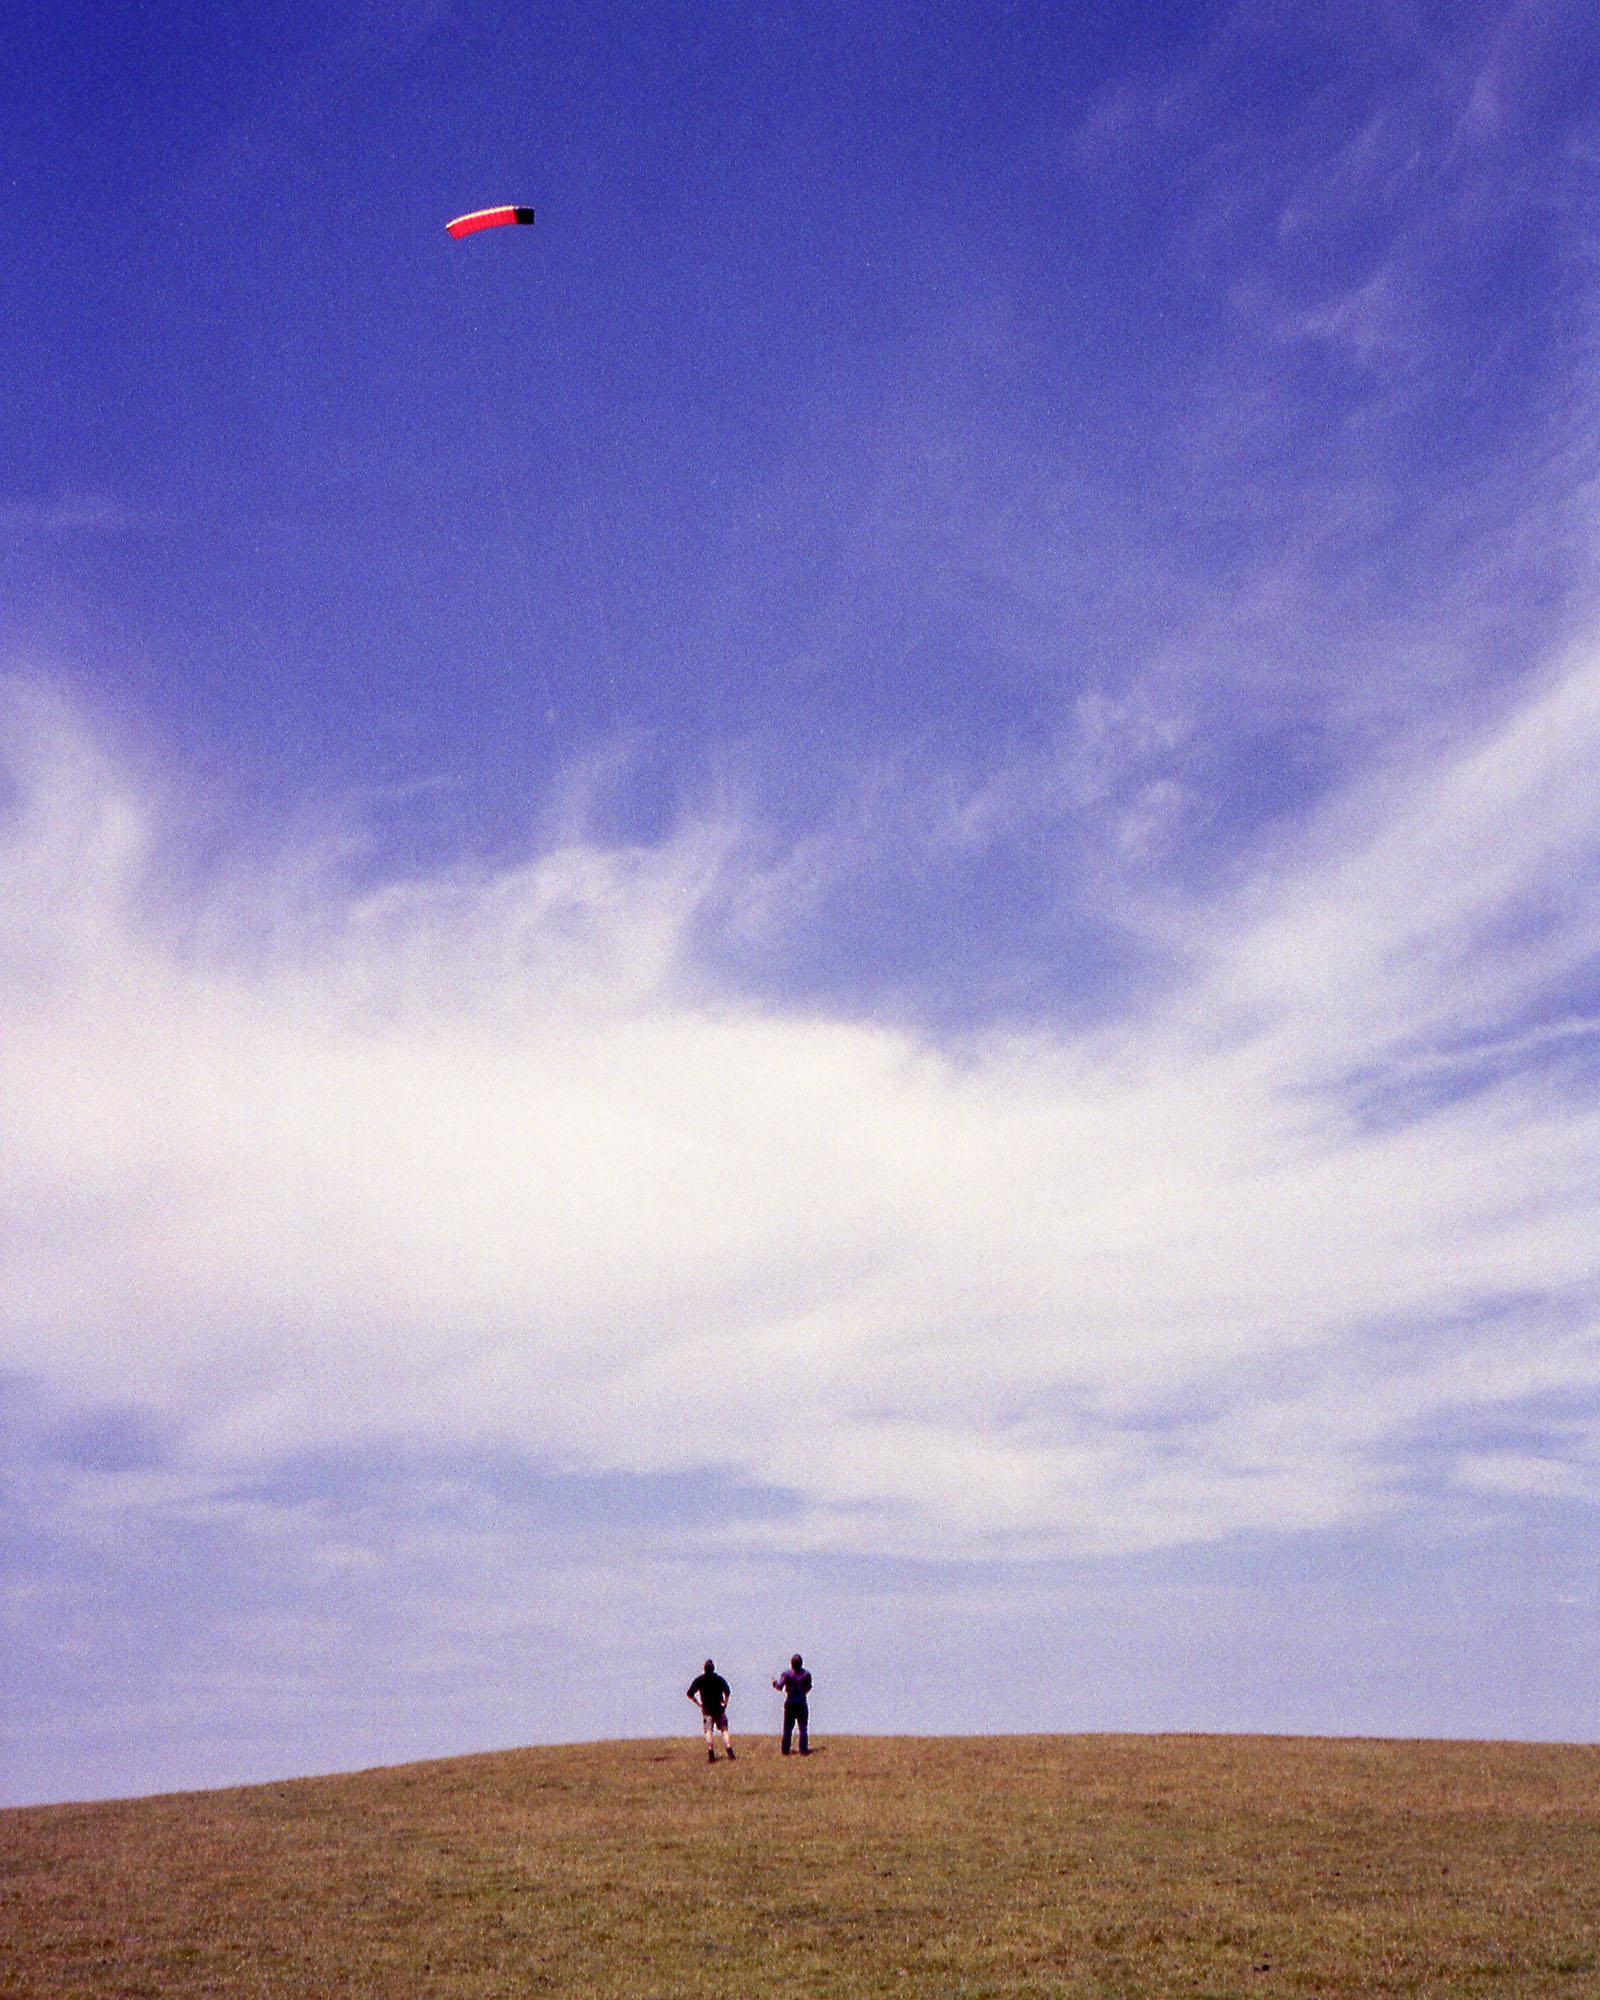 Kite flying in Croyd